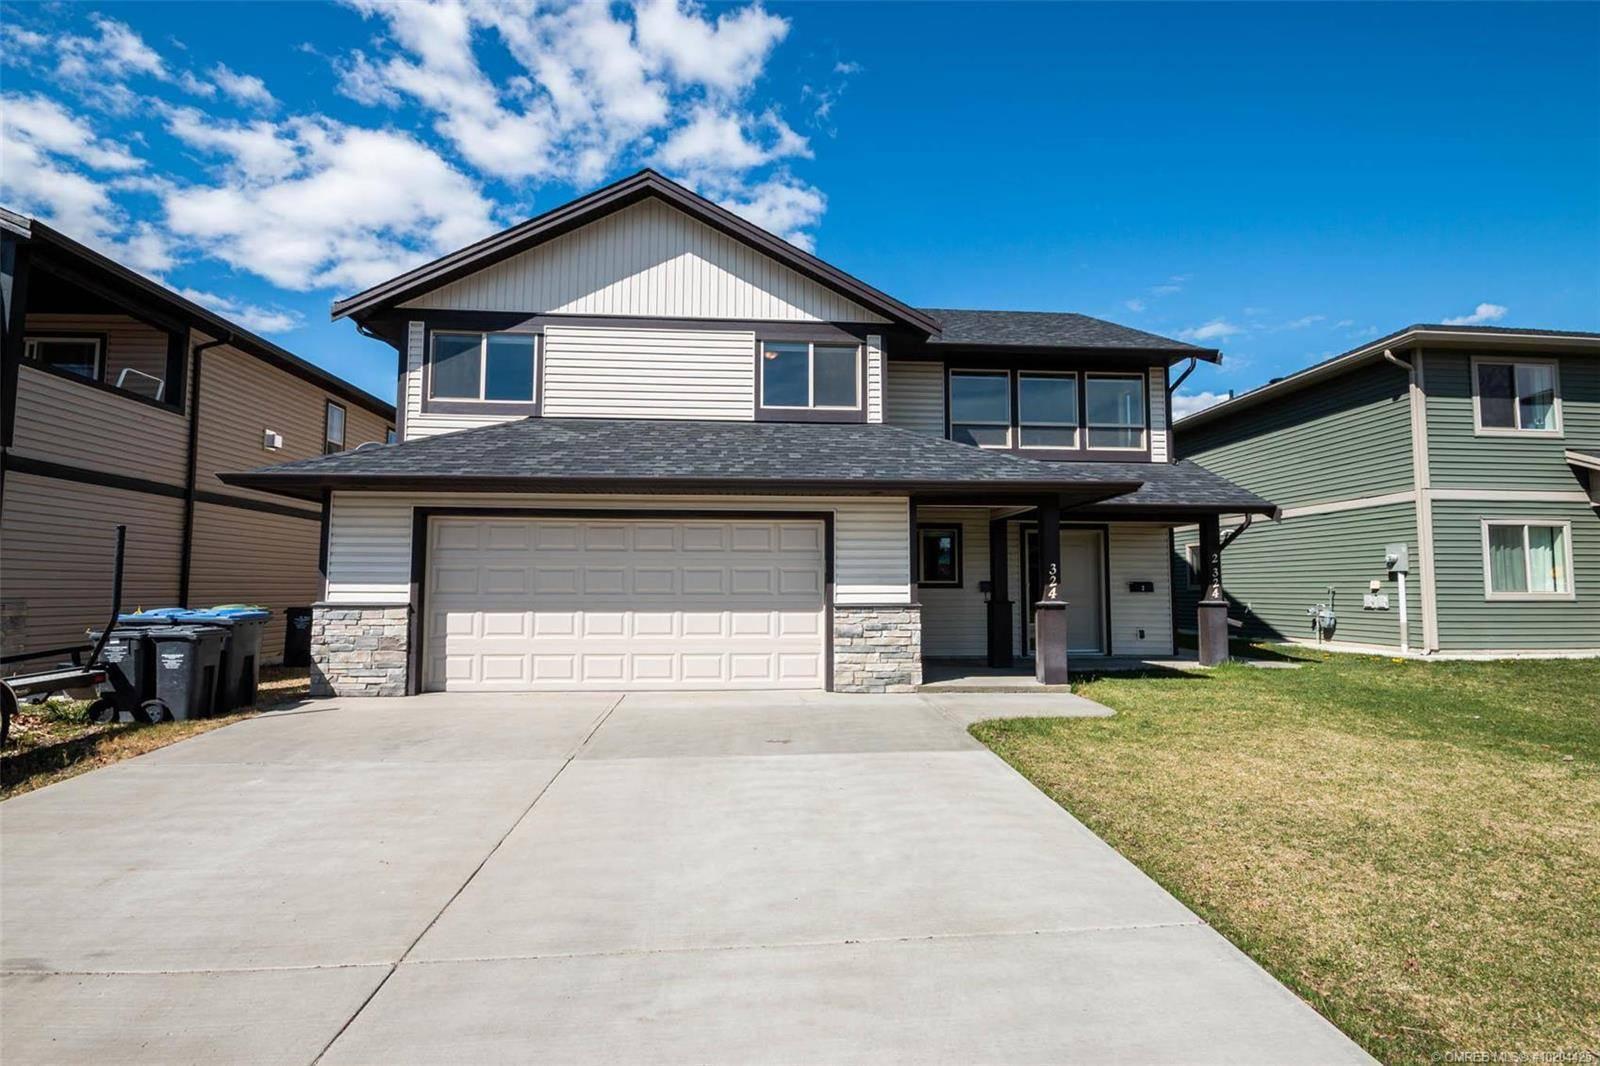 House for sale at 324 Arab Rd Kelowna British Columbia - MLS: 10204425